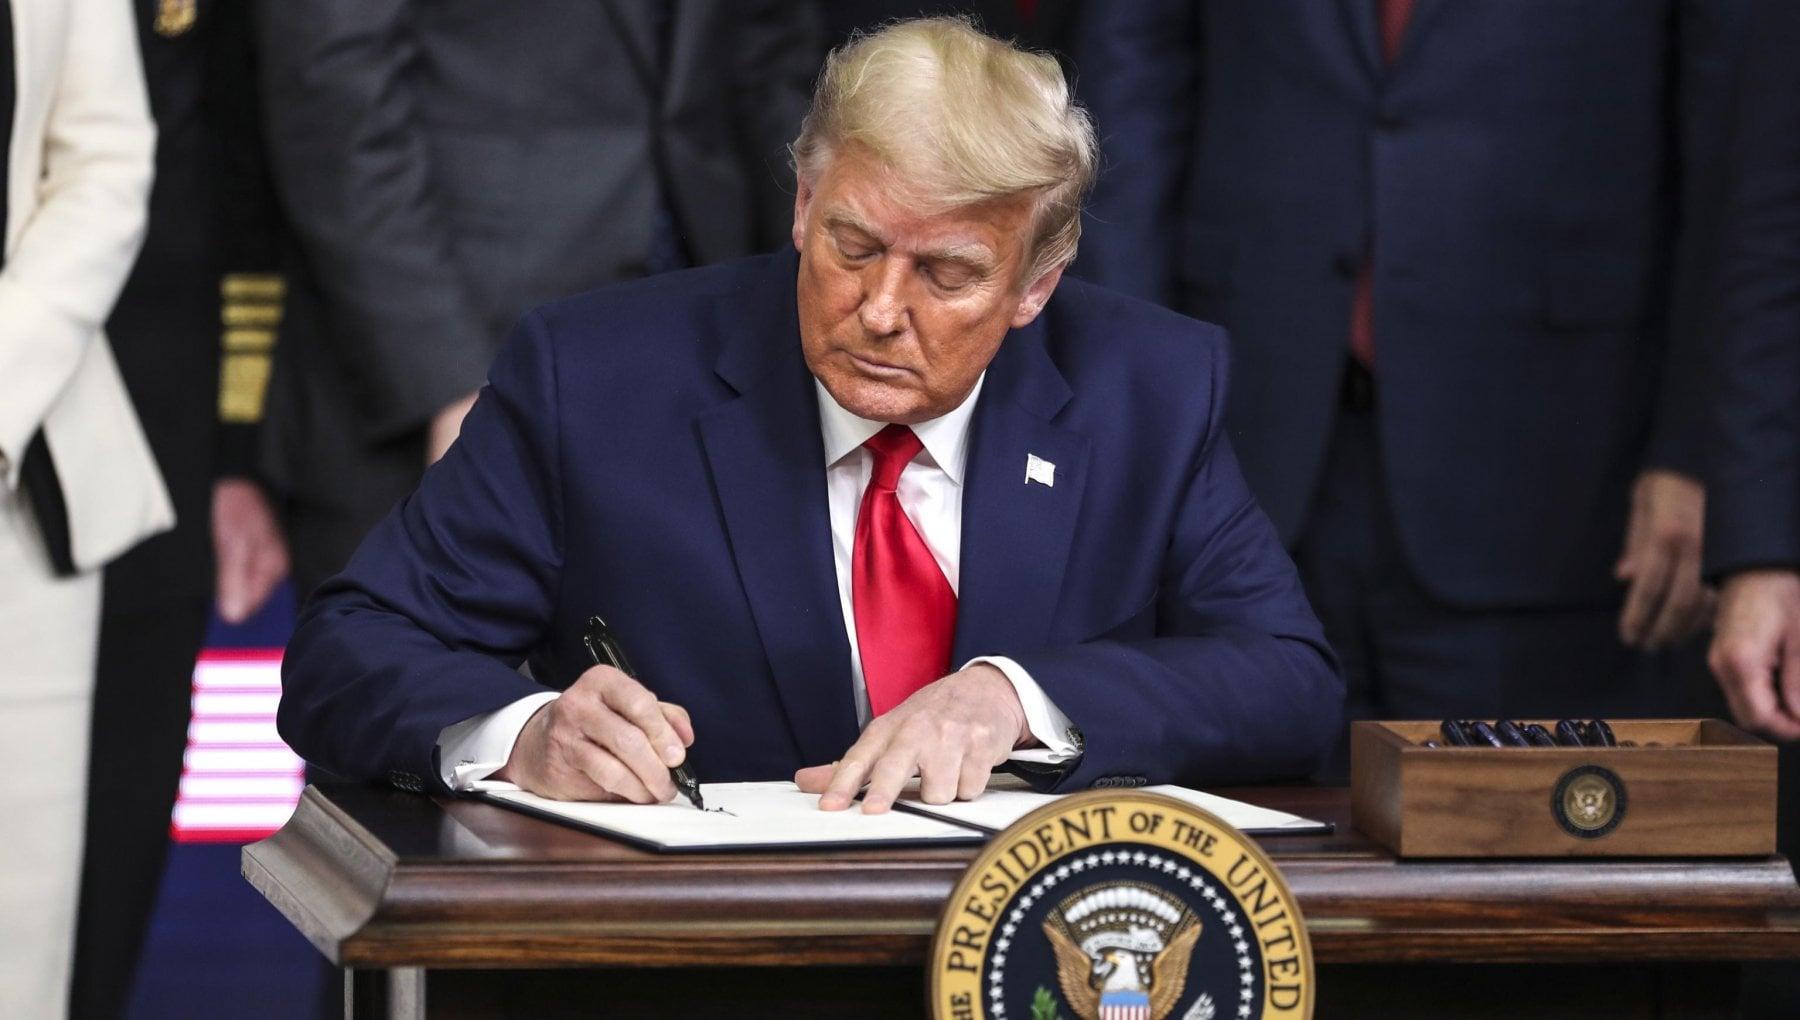 020510841 c481f8da 307d 43cf a42e 5d61809bbde1 - Usa: schiaffo a Trump, la Camera approva la legge sulla difesa